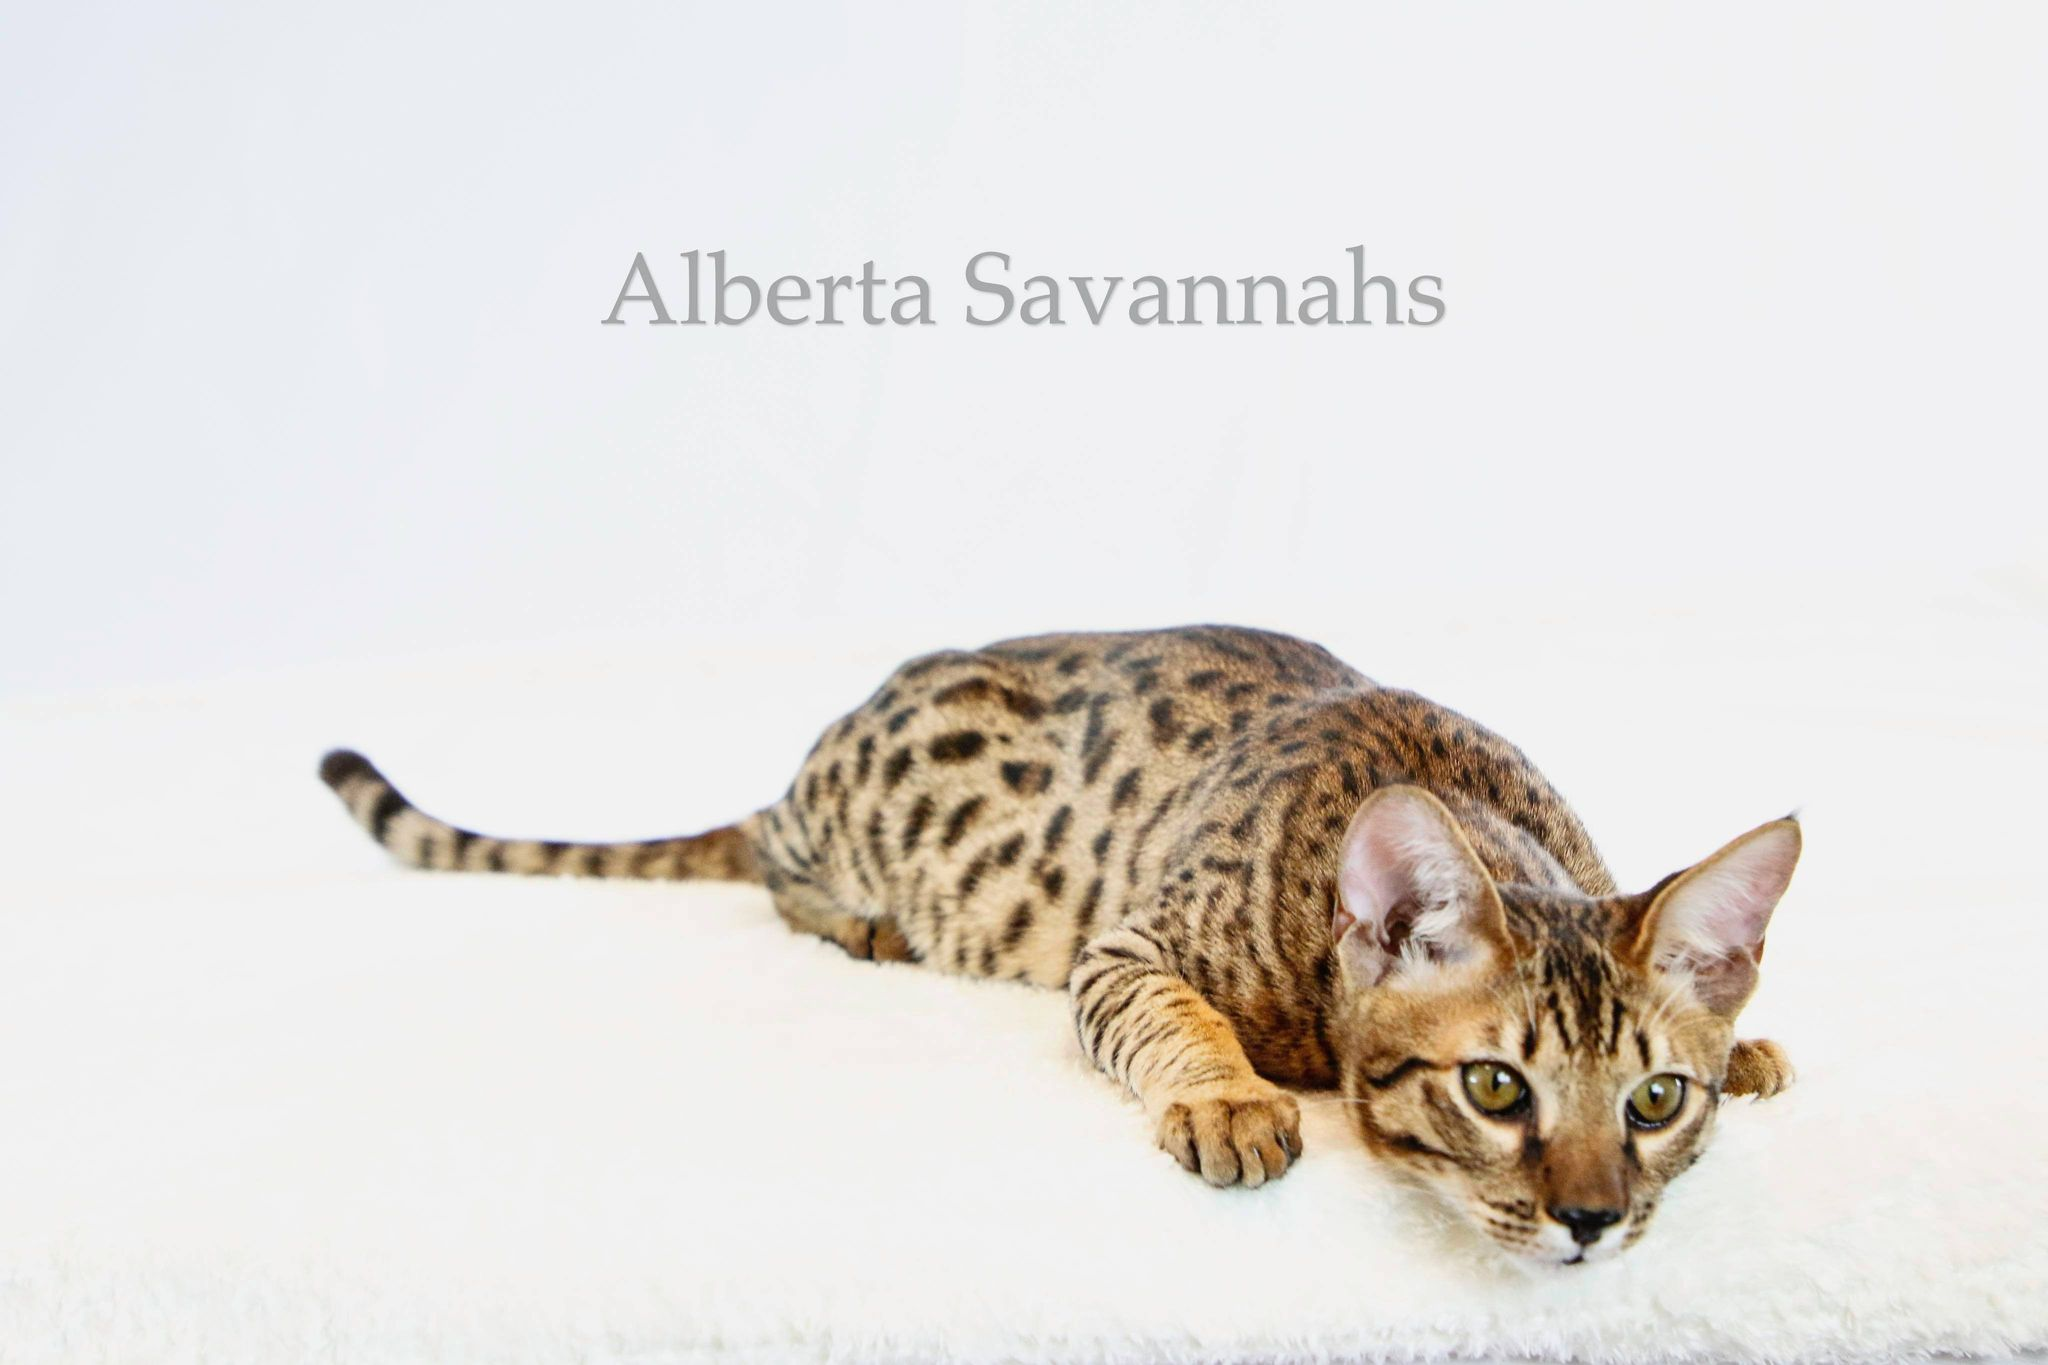 Alberta Savannah